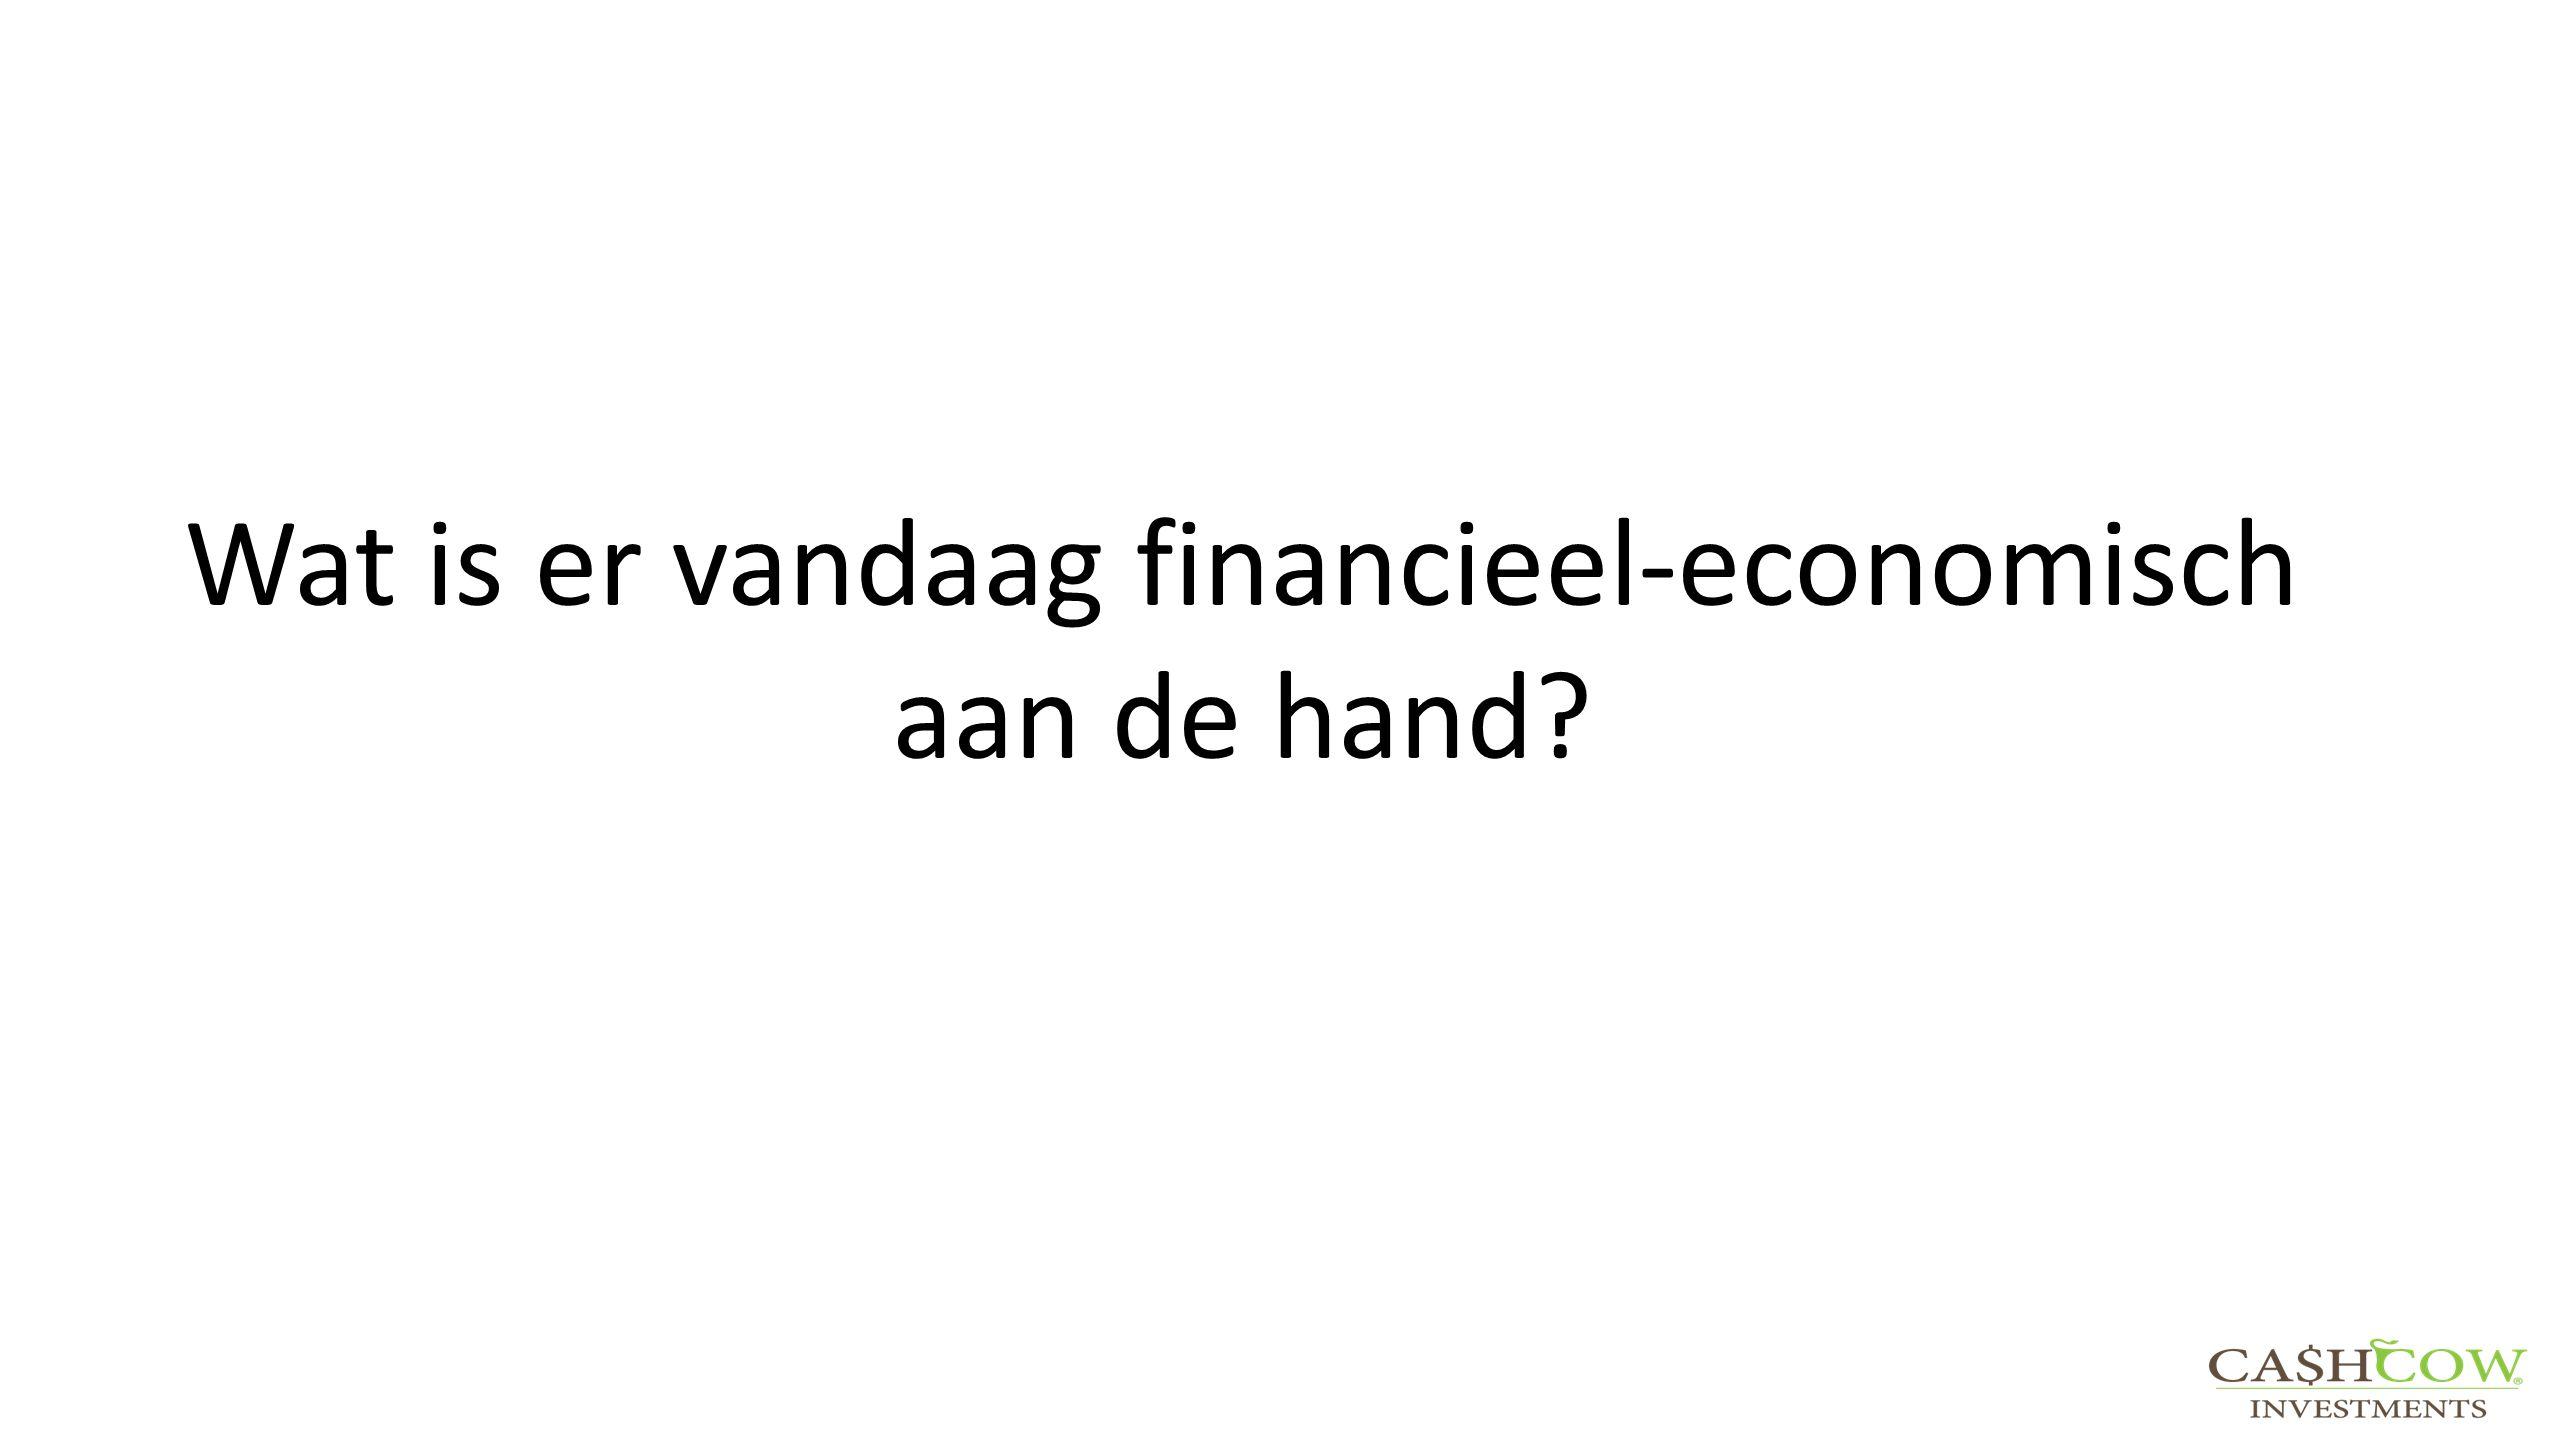 Wat is er vandaag financieel-economisch aan de hand